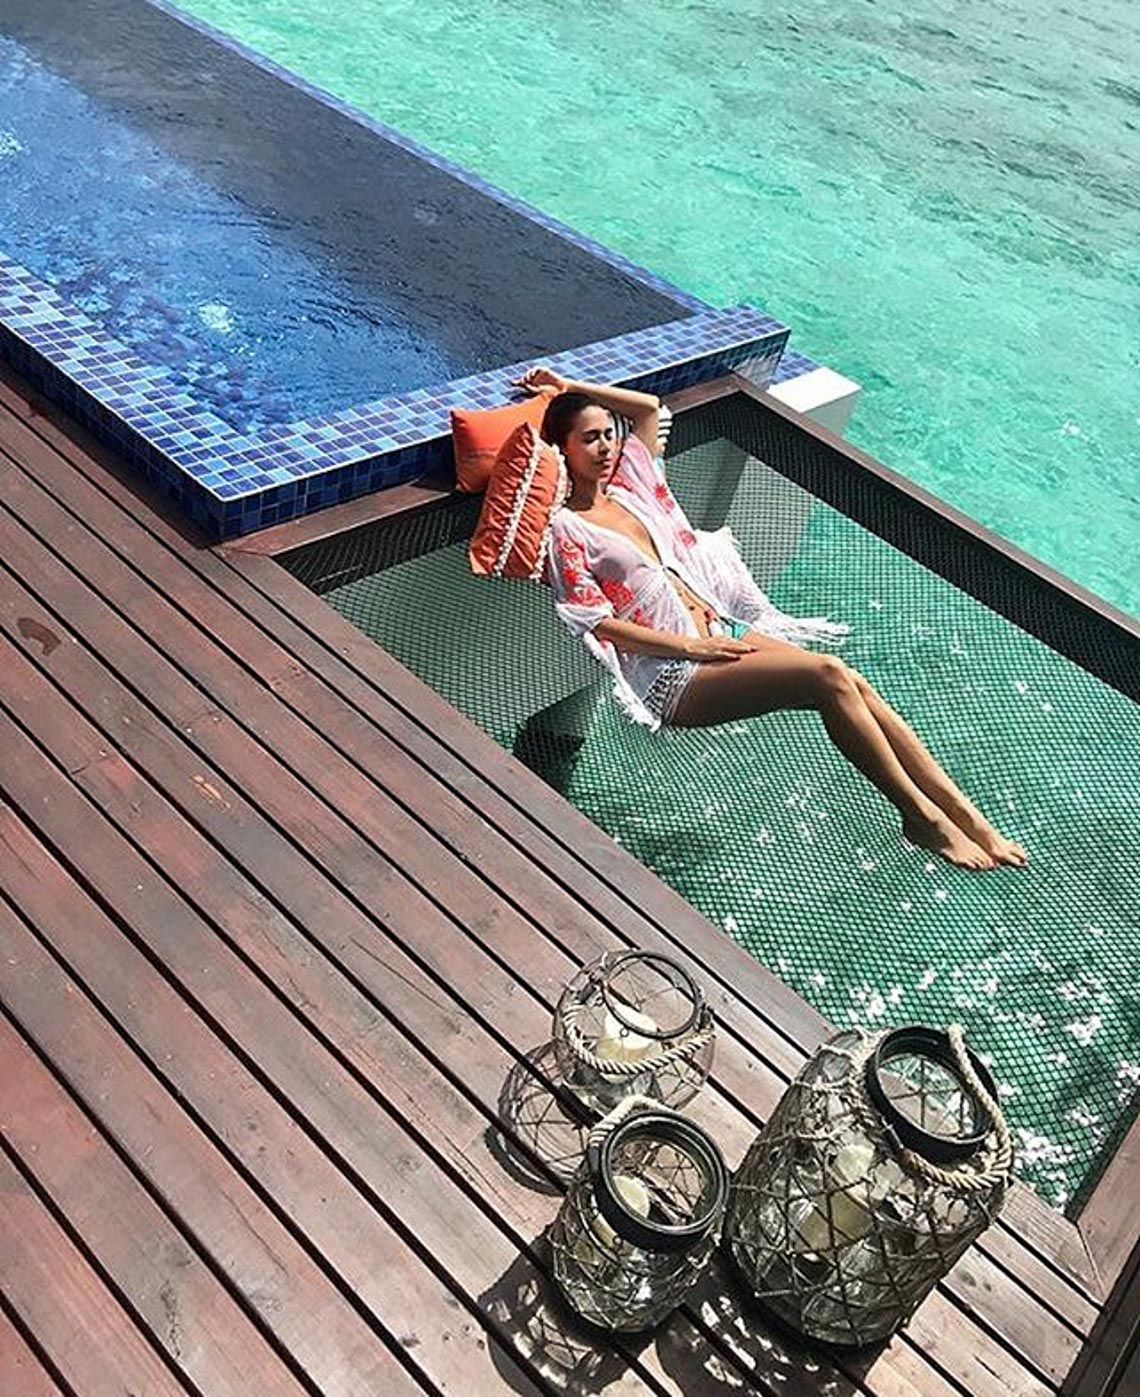 Khu nghỉ dưỡng Grand Park Kodhipparu ở Maldives - 1